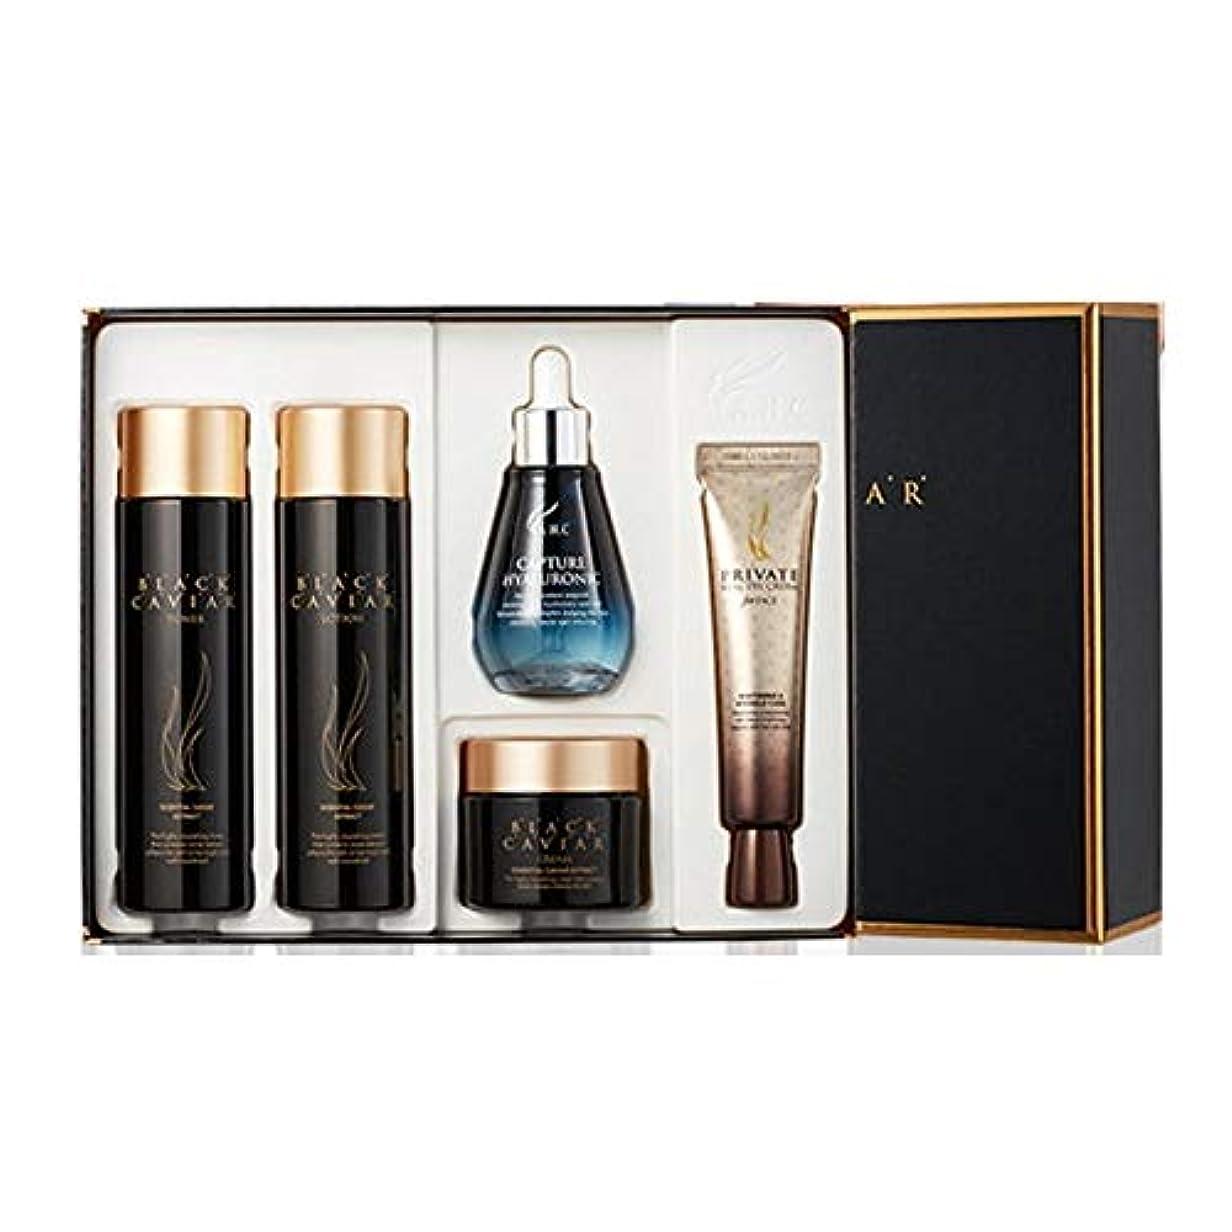 可能にするパースブラックボロウしわAHCブラックキャビアスキンケアセットトナーローションクリームアイクリームアンプル、AHC Black Caviar Skincare Set Toner Lotion Cream Eye Cream Ampoule [...